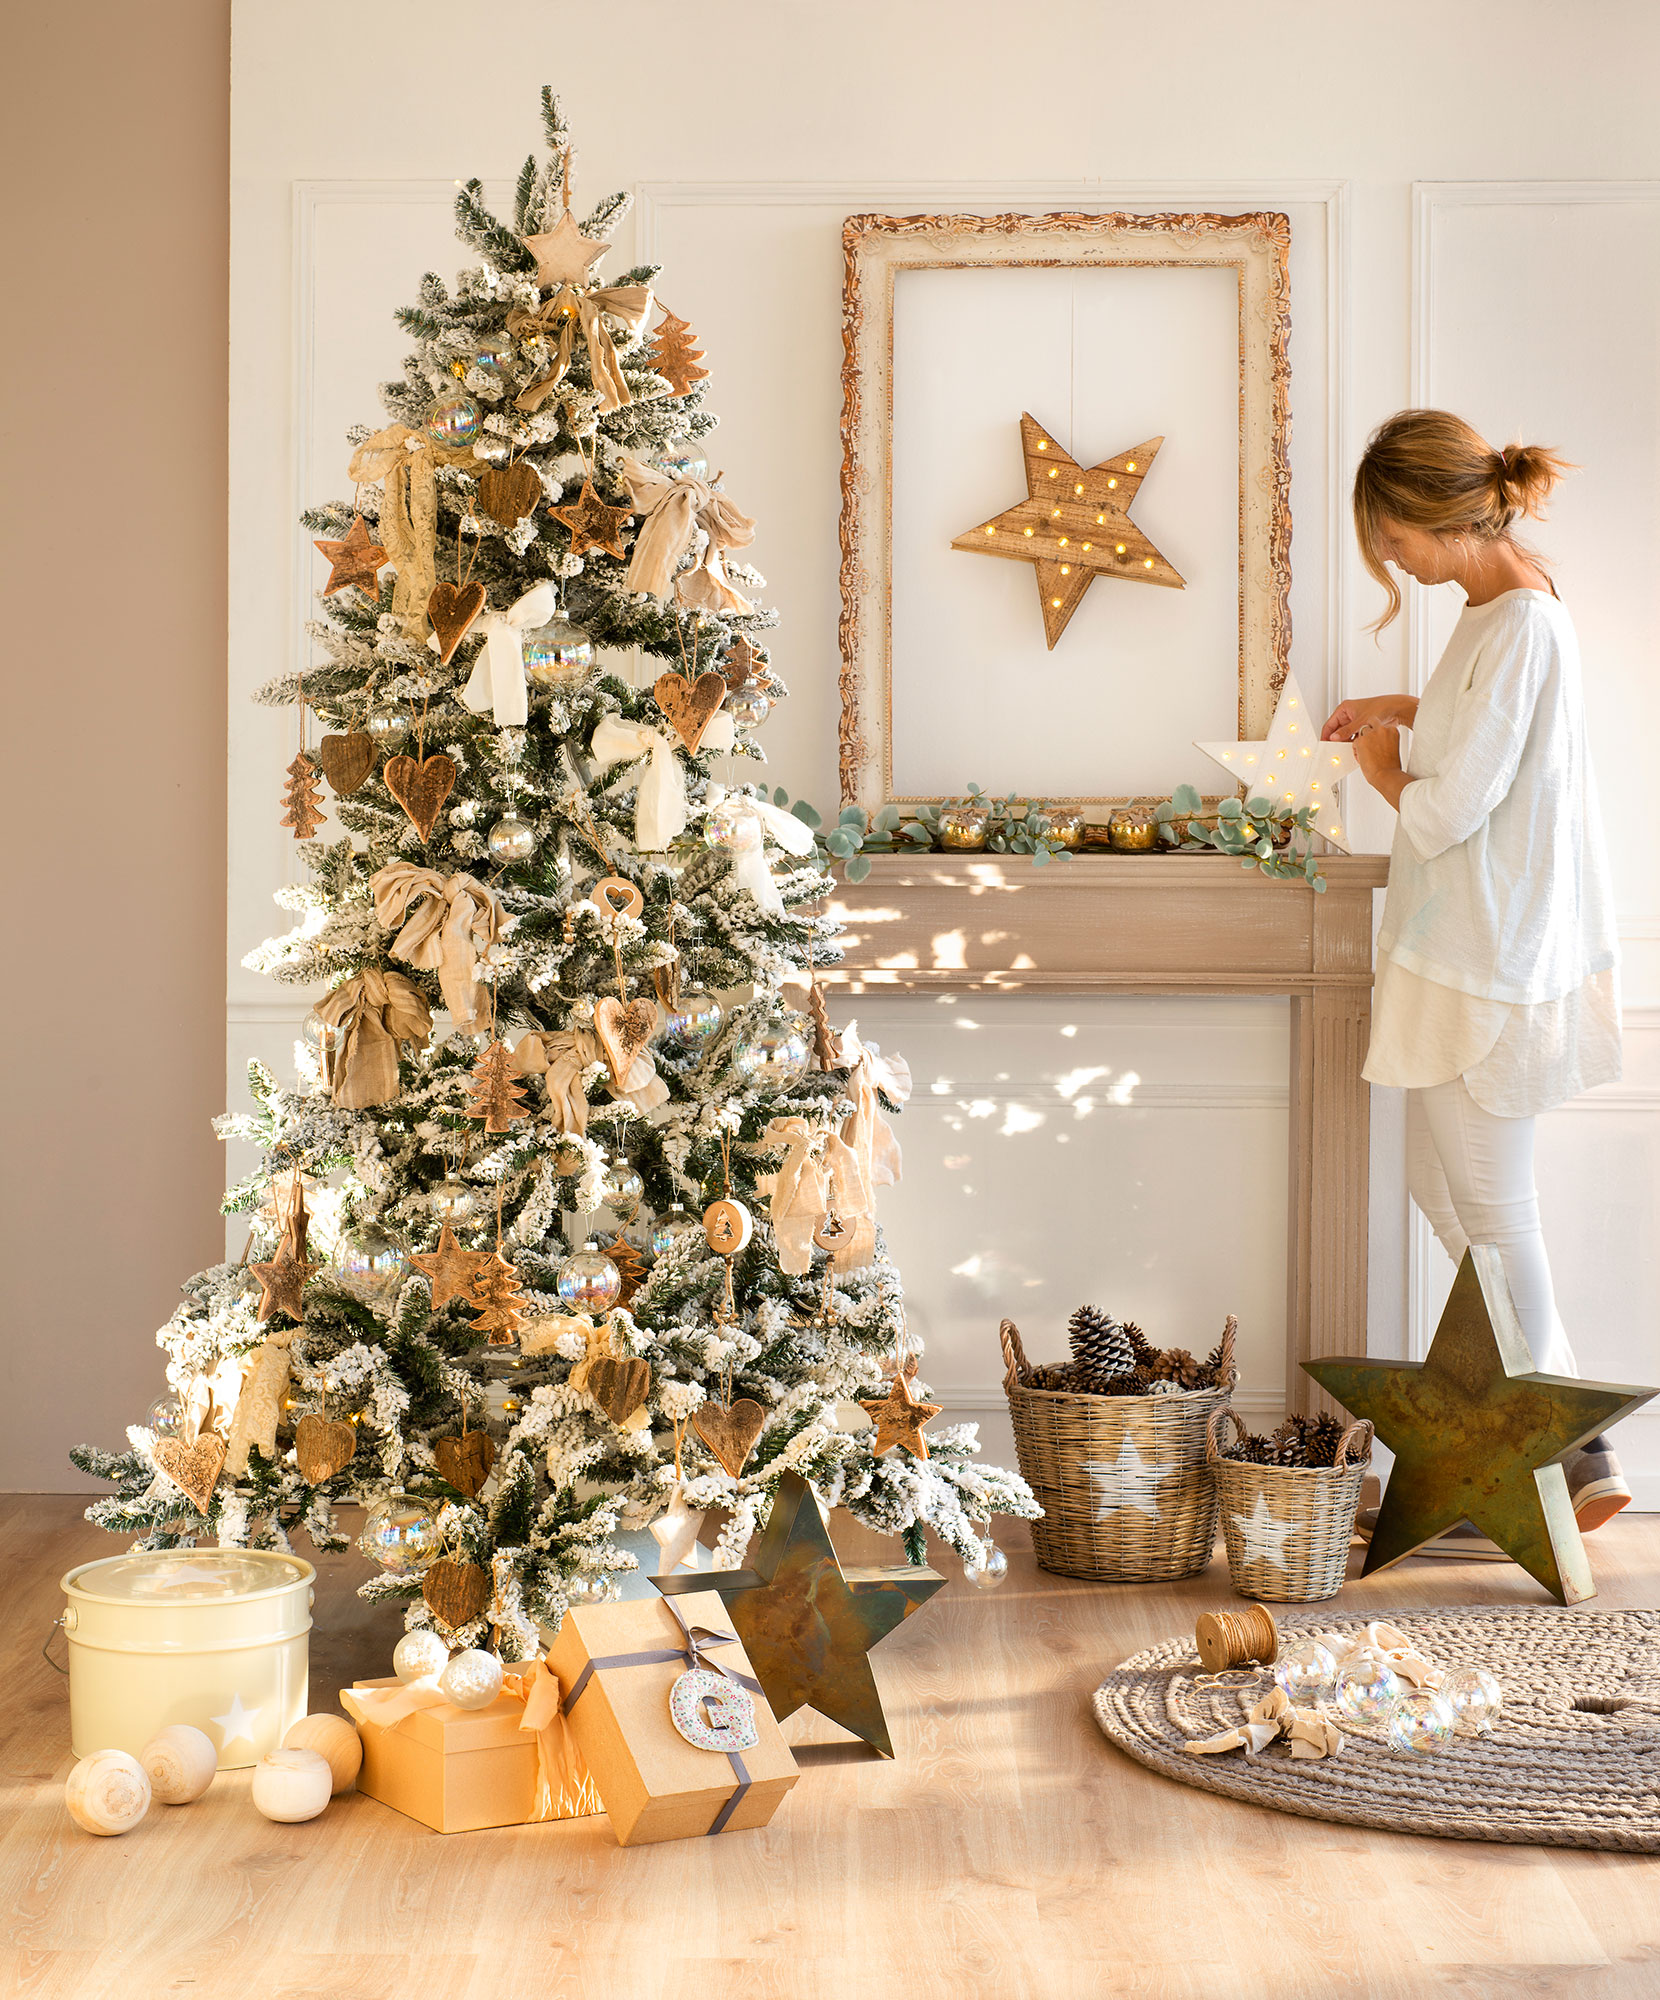 Ideas para decorar el rbol de navidad 3 rboles 3 estilos - Como decorar mi arbol de navidad ...